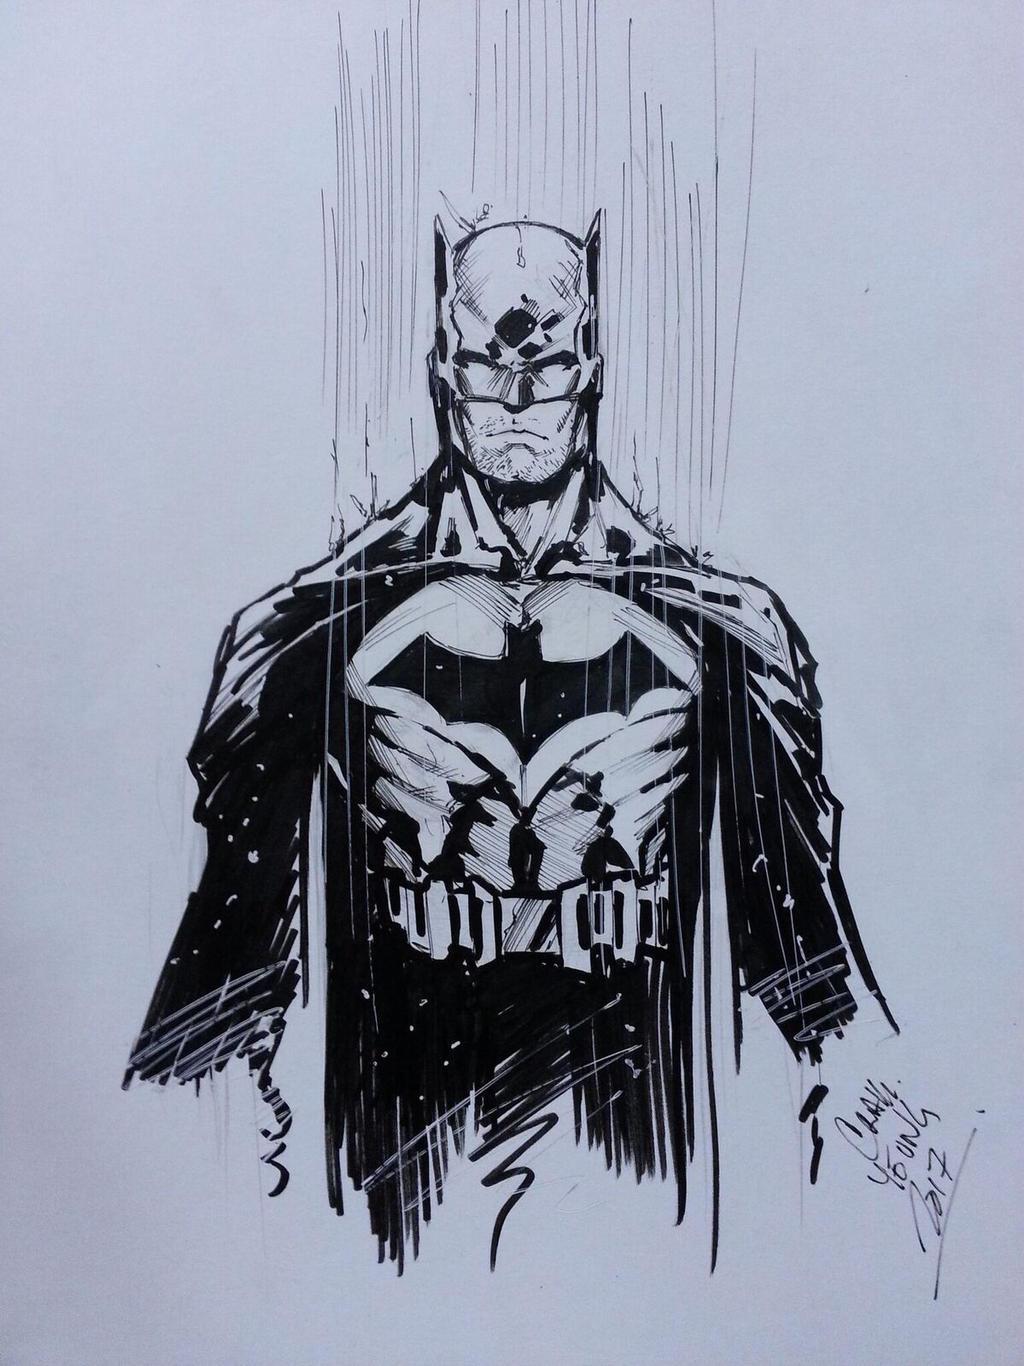 Batman sketch by Csyeung